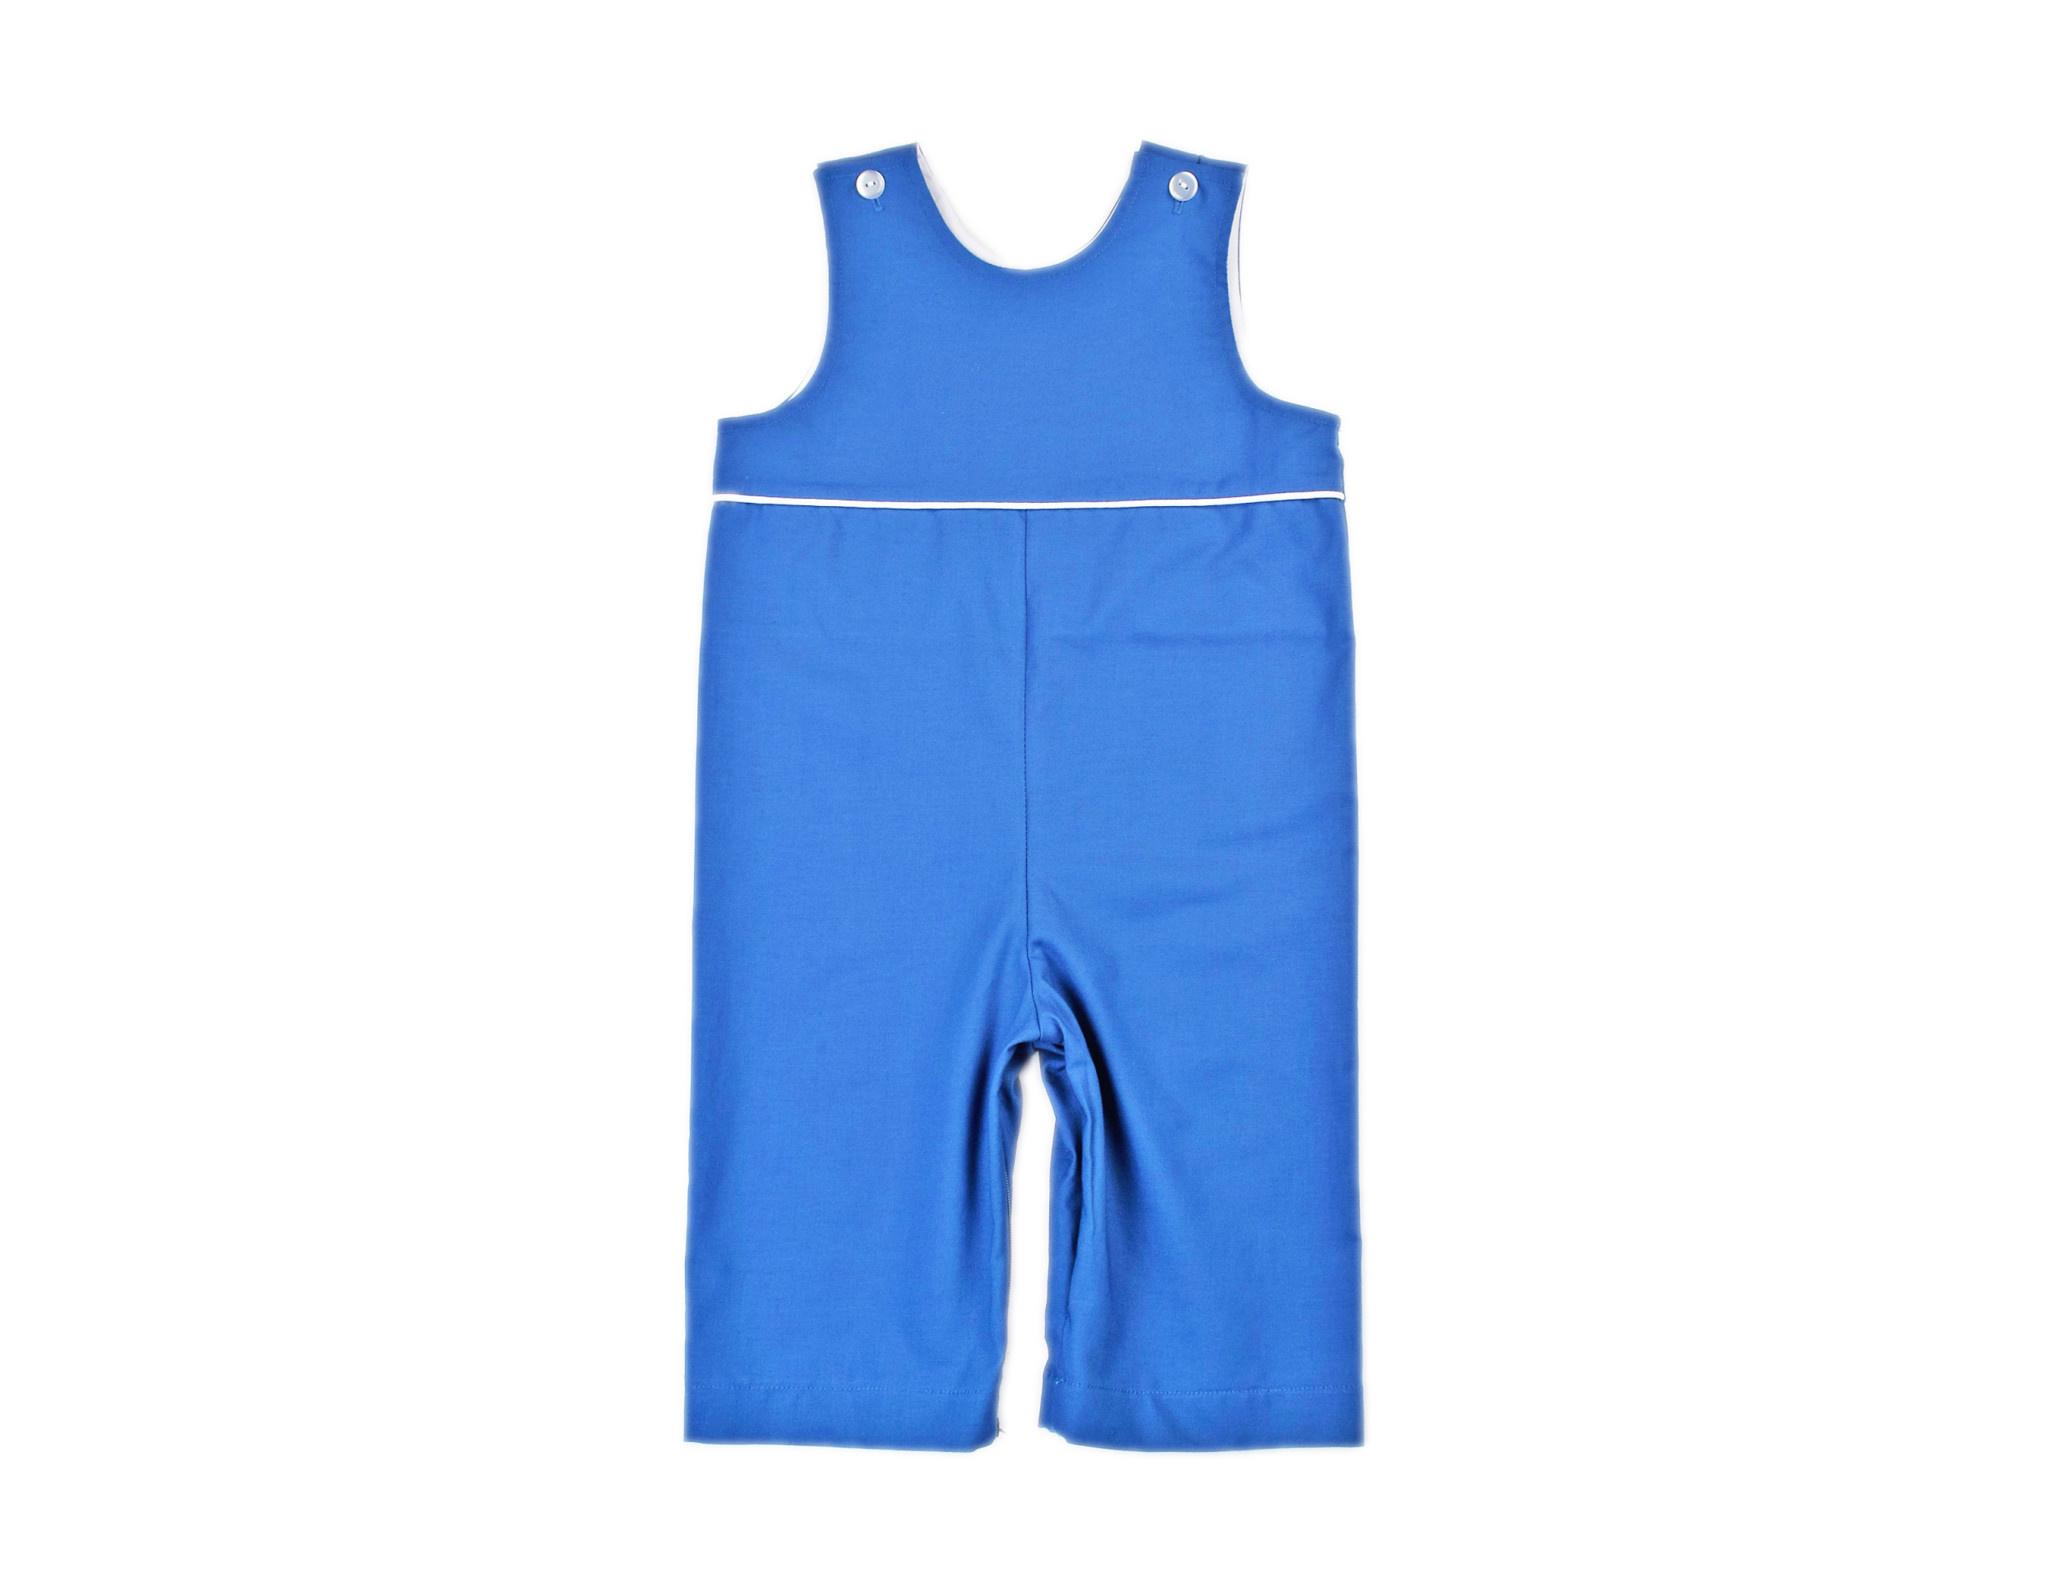 Funtasia Too Cadet Blue Longall